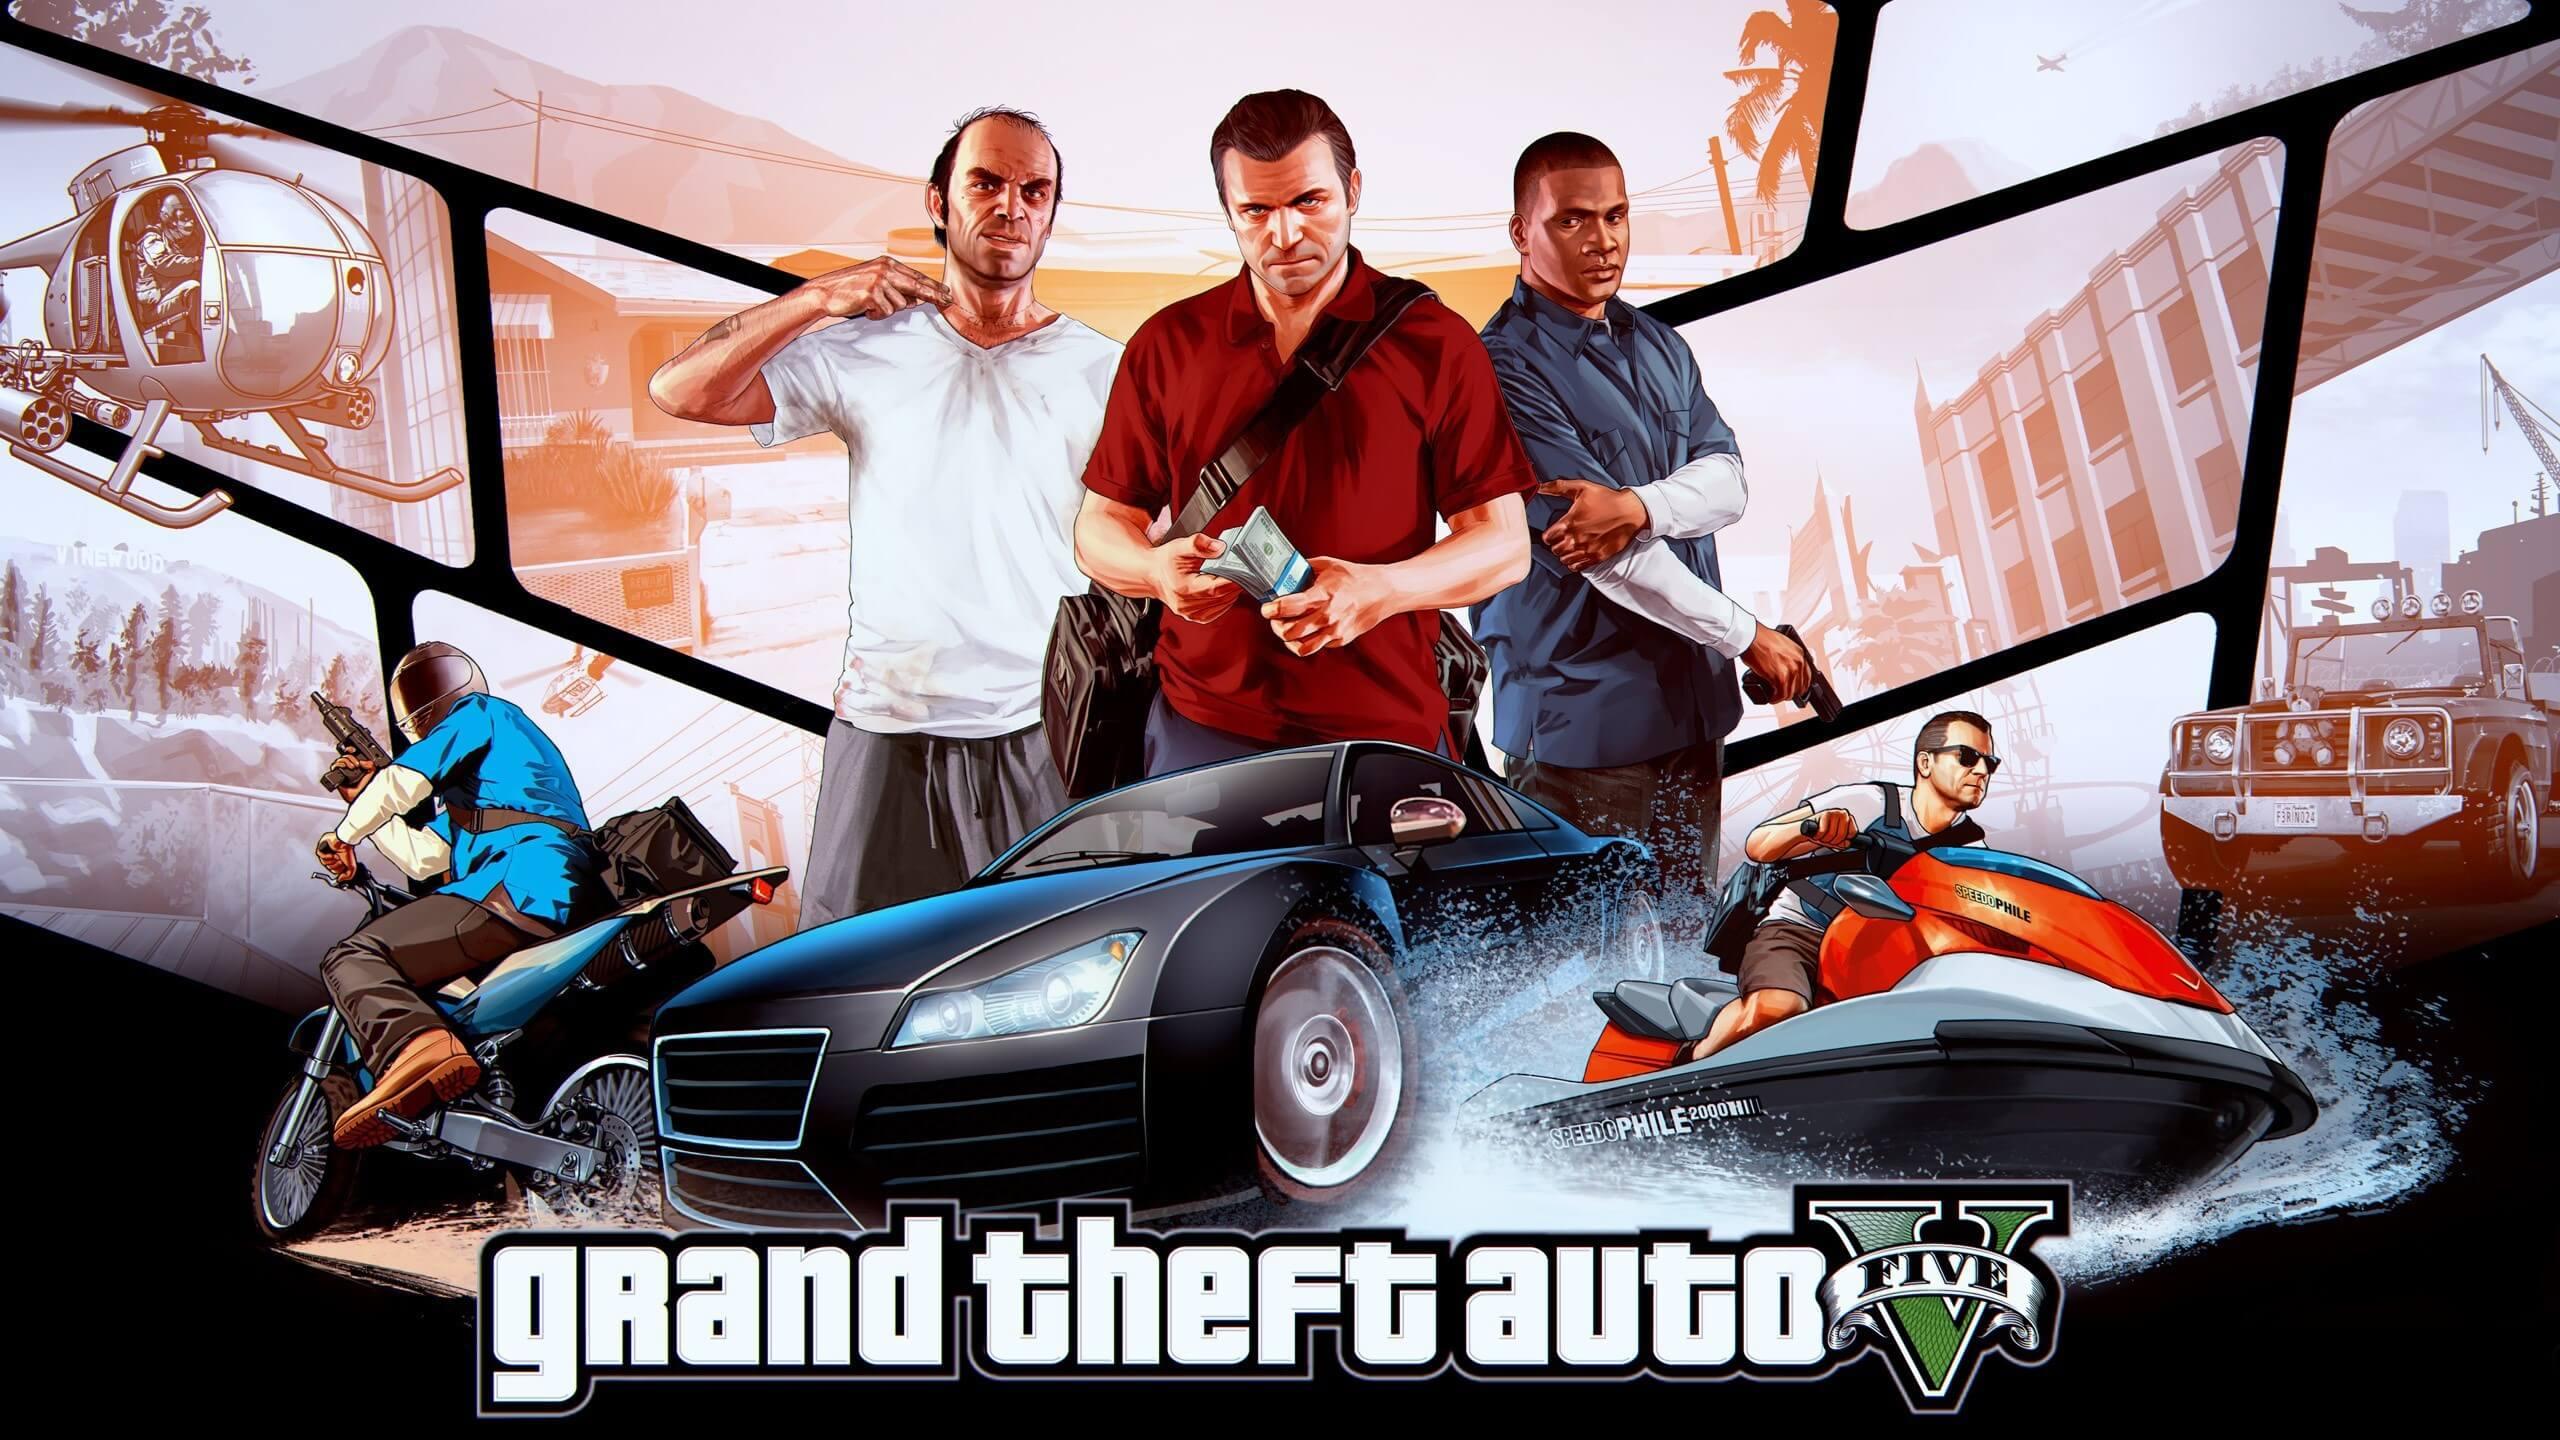 Grand Theft Auto V HD